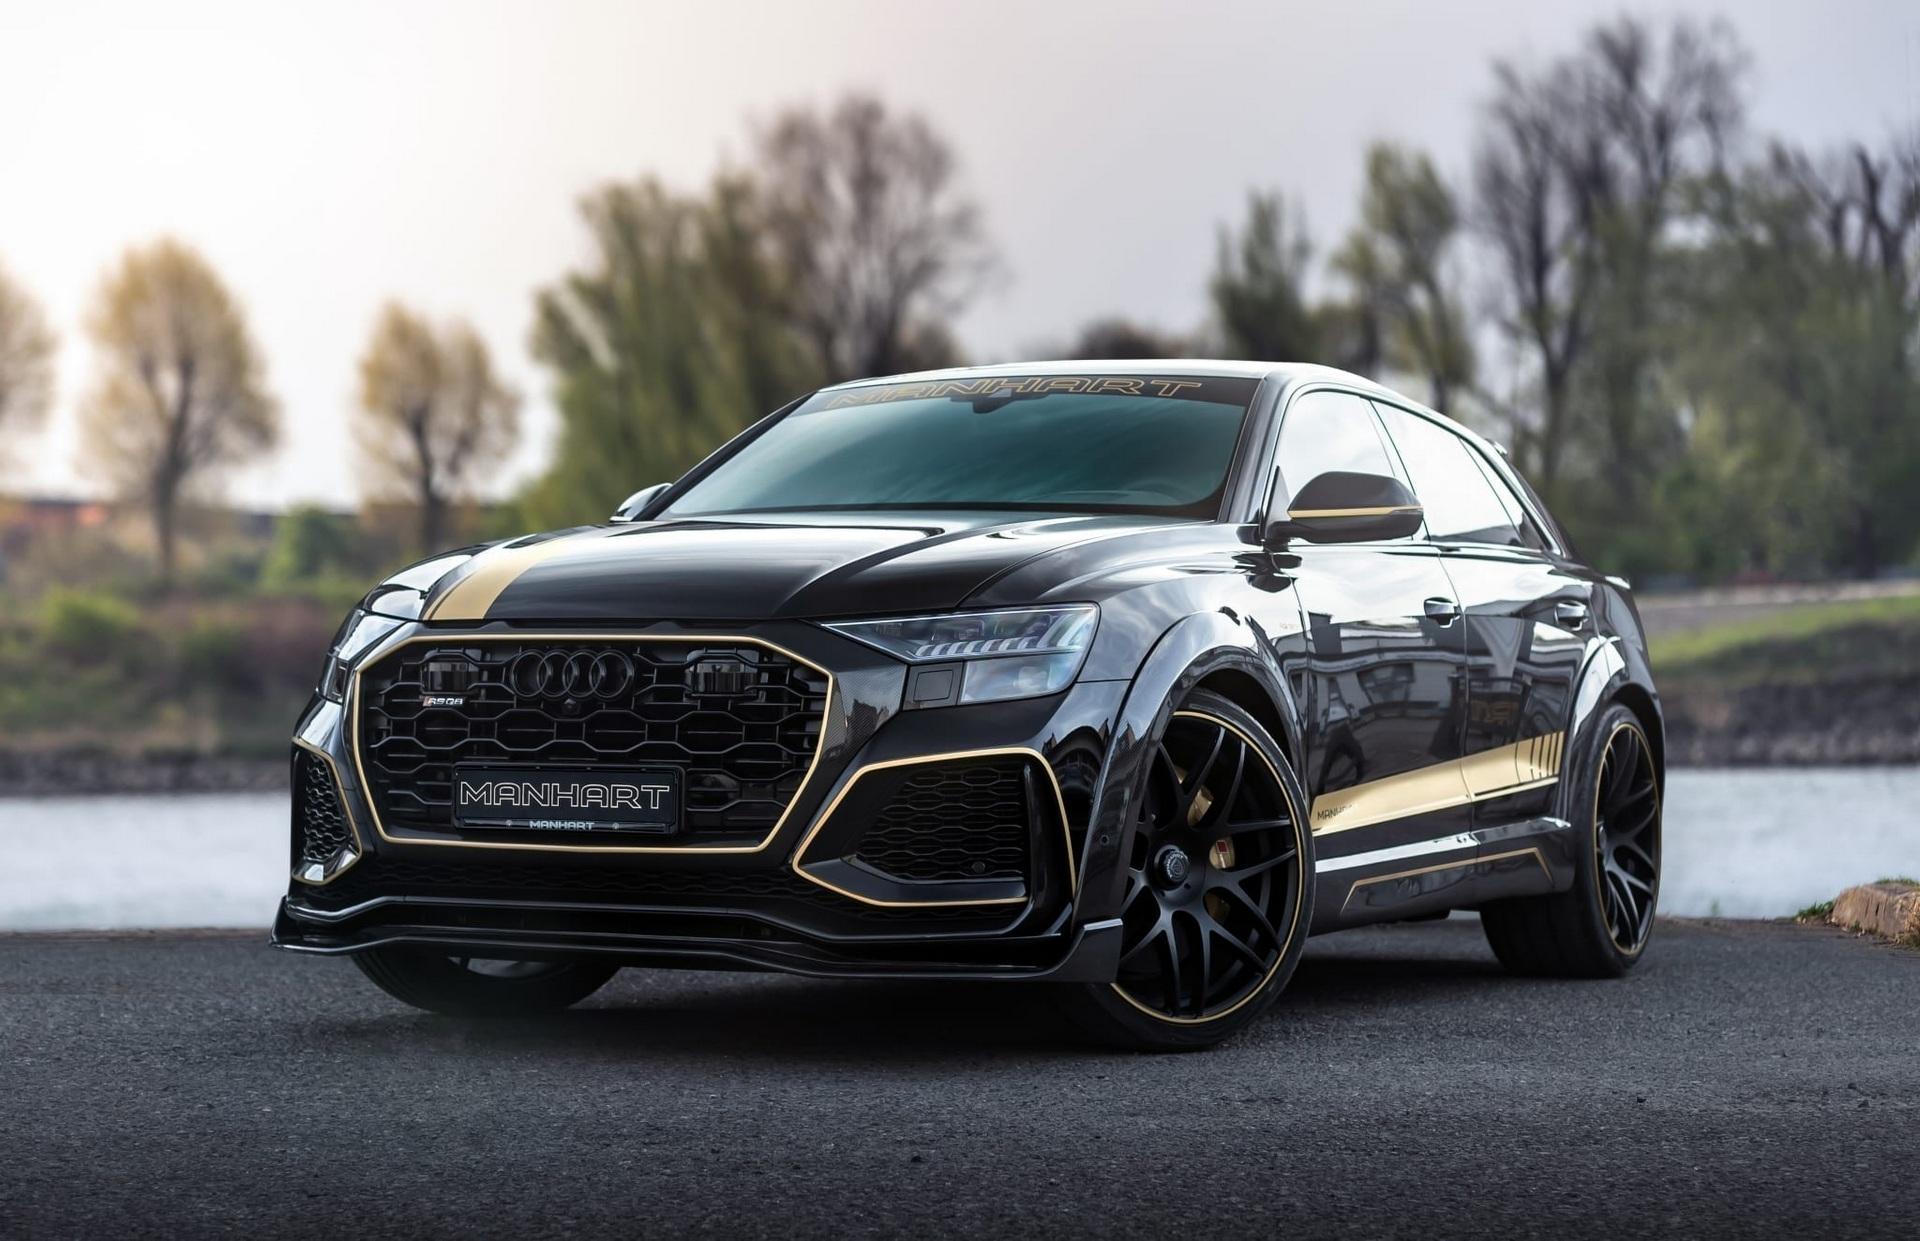 Больше года назад тюнинг-ателье Manhart явило миру первые наброски редизайна роскошного кроссовера Audi RS Q8, и на днях мастерскую покинул первый готовый экземпляр.